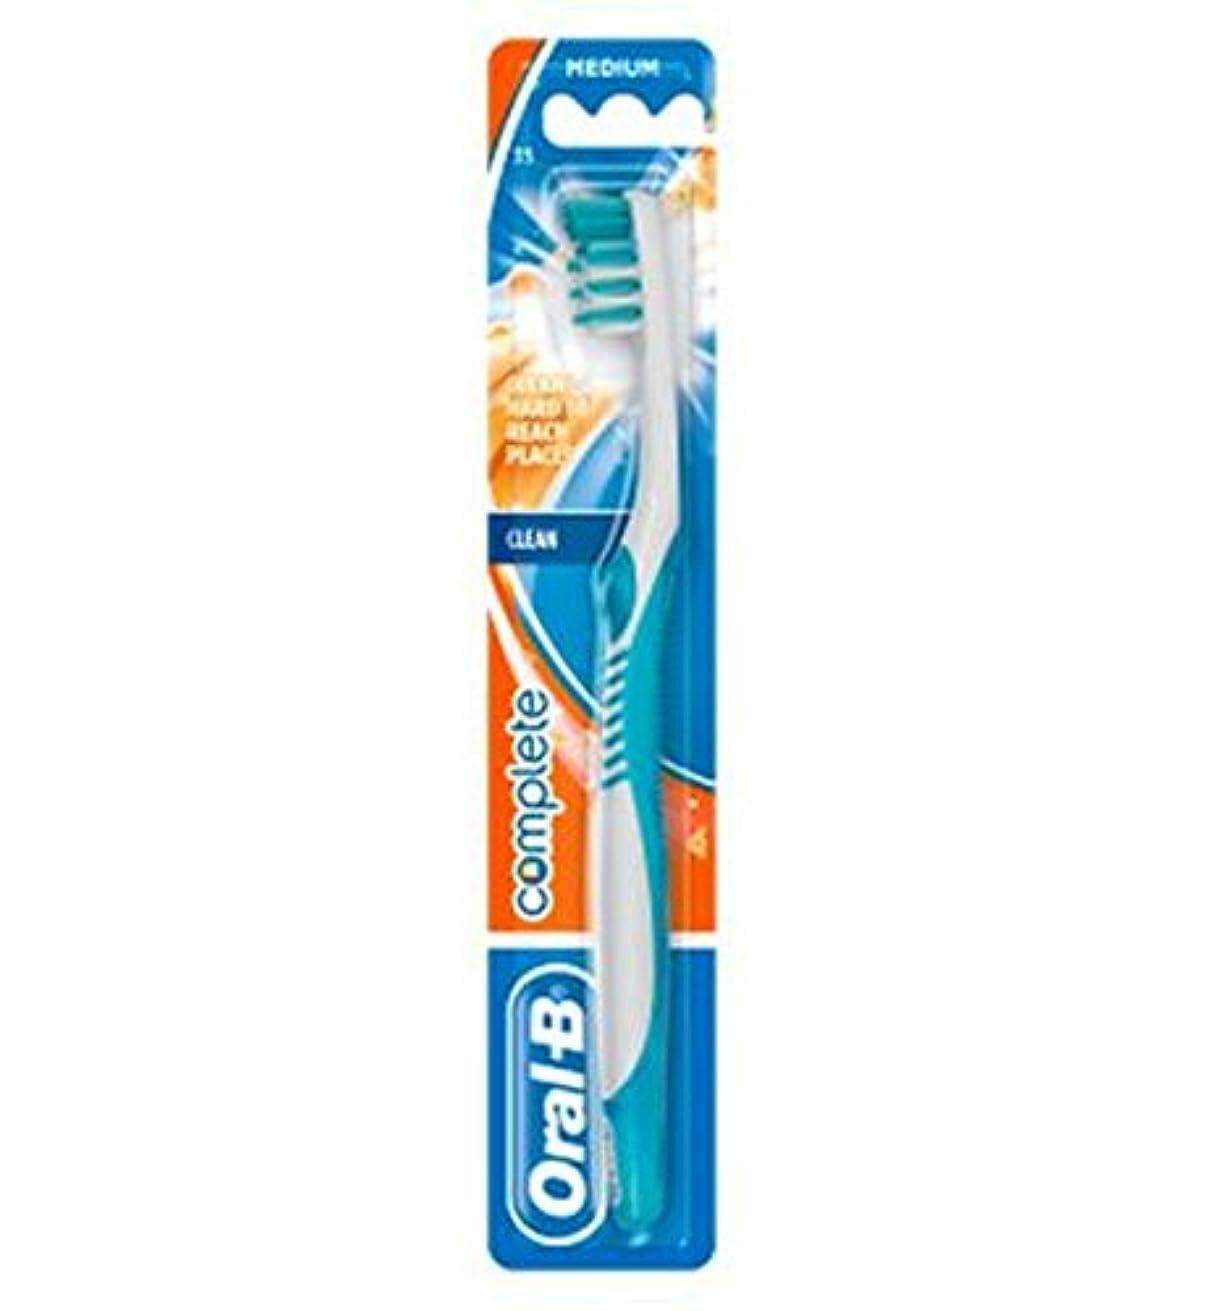 区別クロール化学オーラルB?アドバンテージ?プラス35 Med歯ブラシ (Oral B) (x2) - Oral-B Advantage Plus 35 Med Toothbrush (Pack of 2) [並行輸入品]